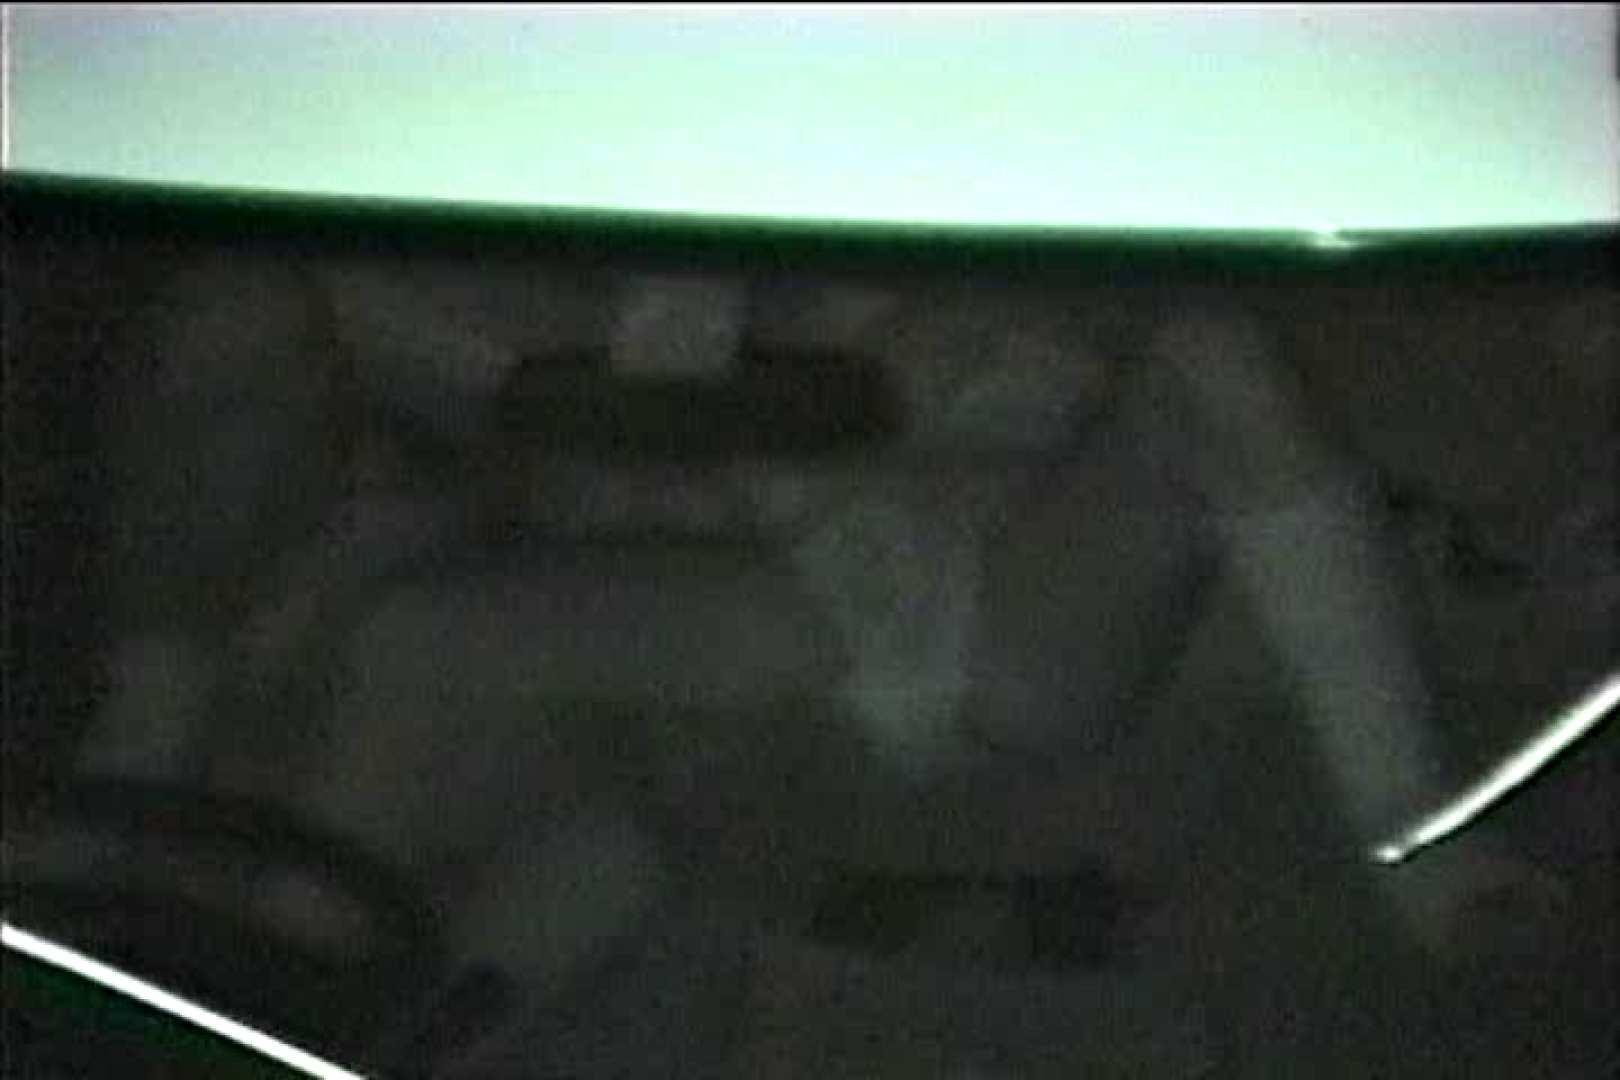 車の中はラブホテル 無修正版  Vol.7 ホテル 盗み撮りAV無料動画キャプチャ 96連発 45